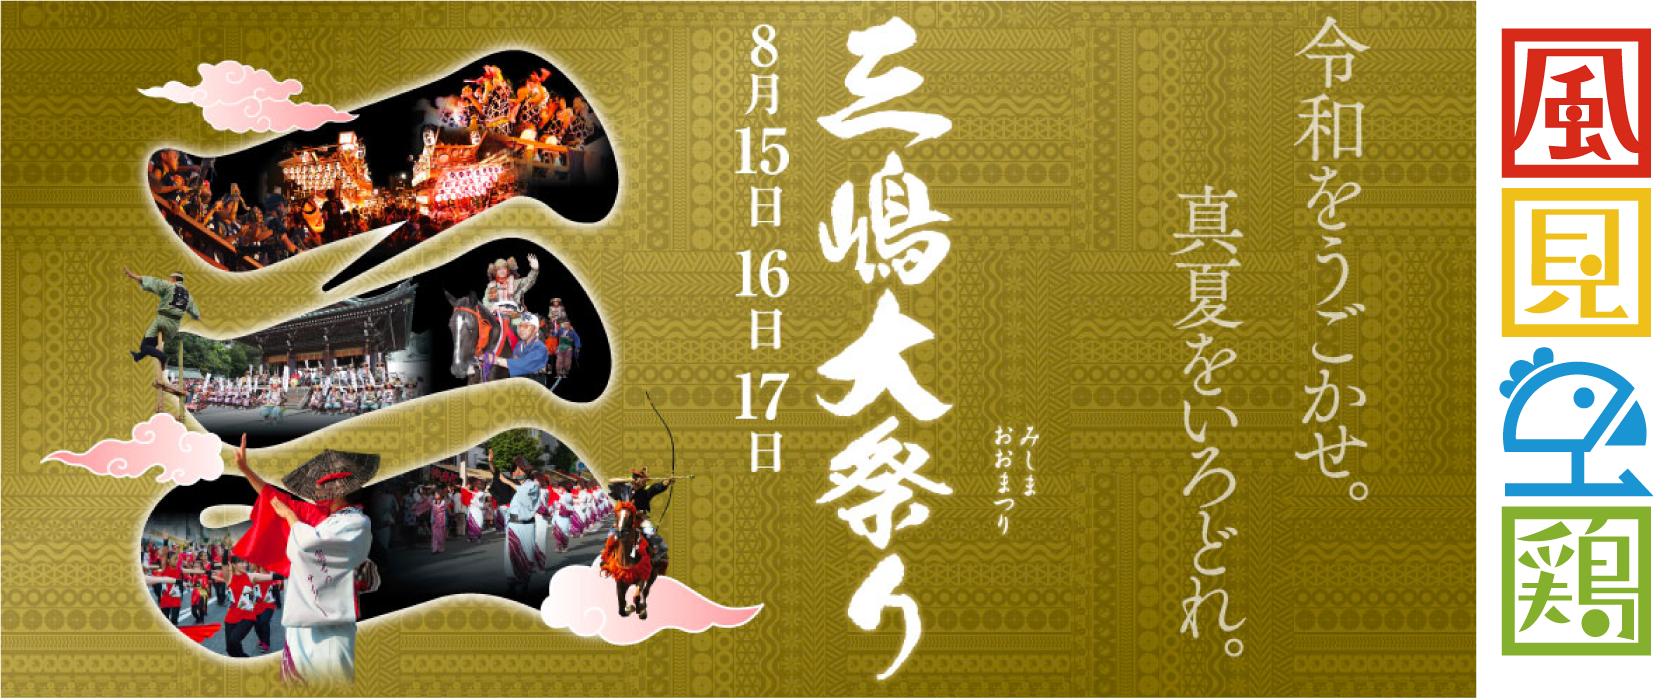 8月 三嶋大祭り中は、特別中!